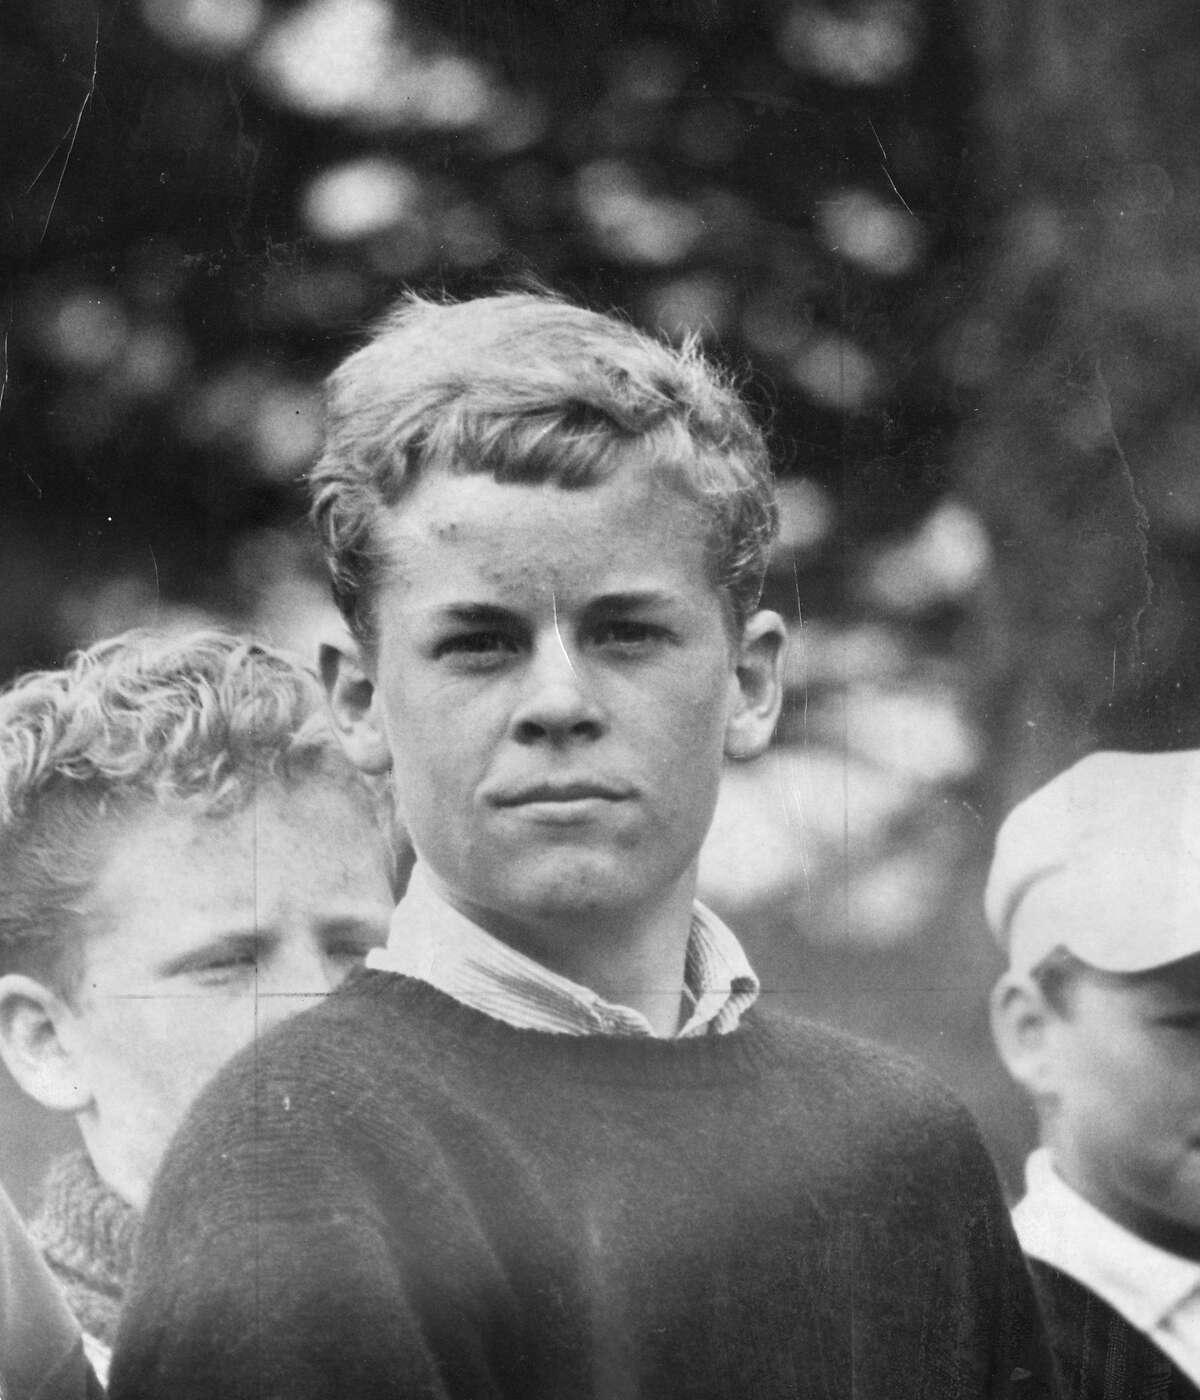 Golfer Johnny Miller, July 25, 1963